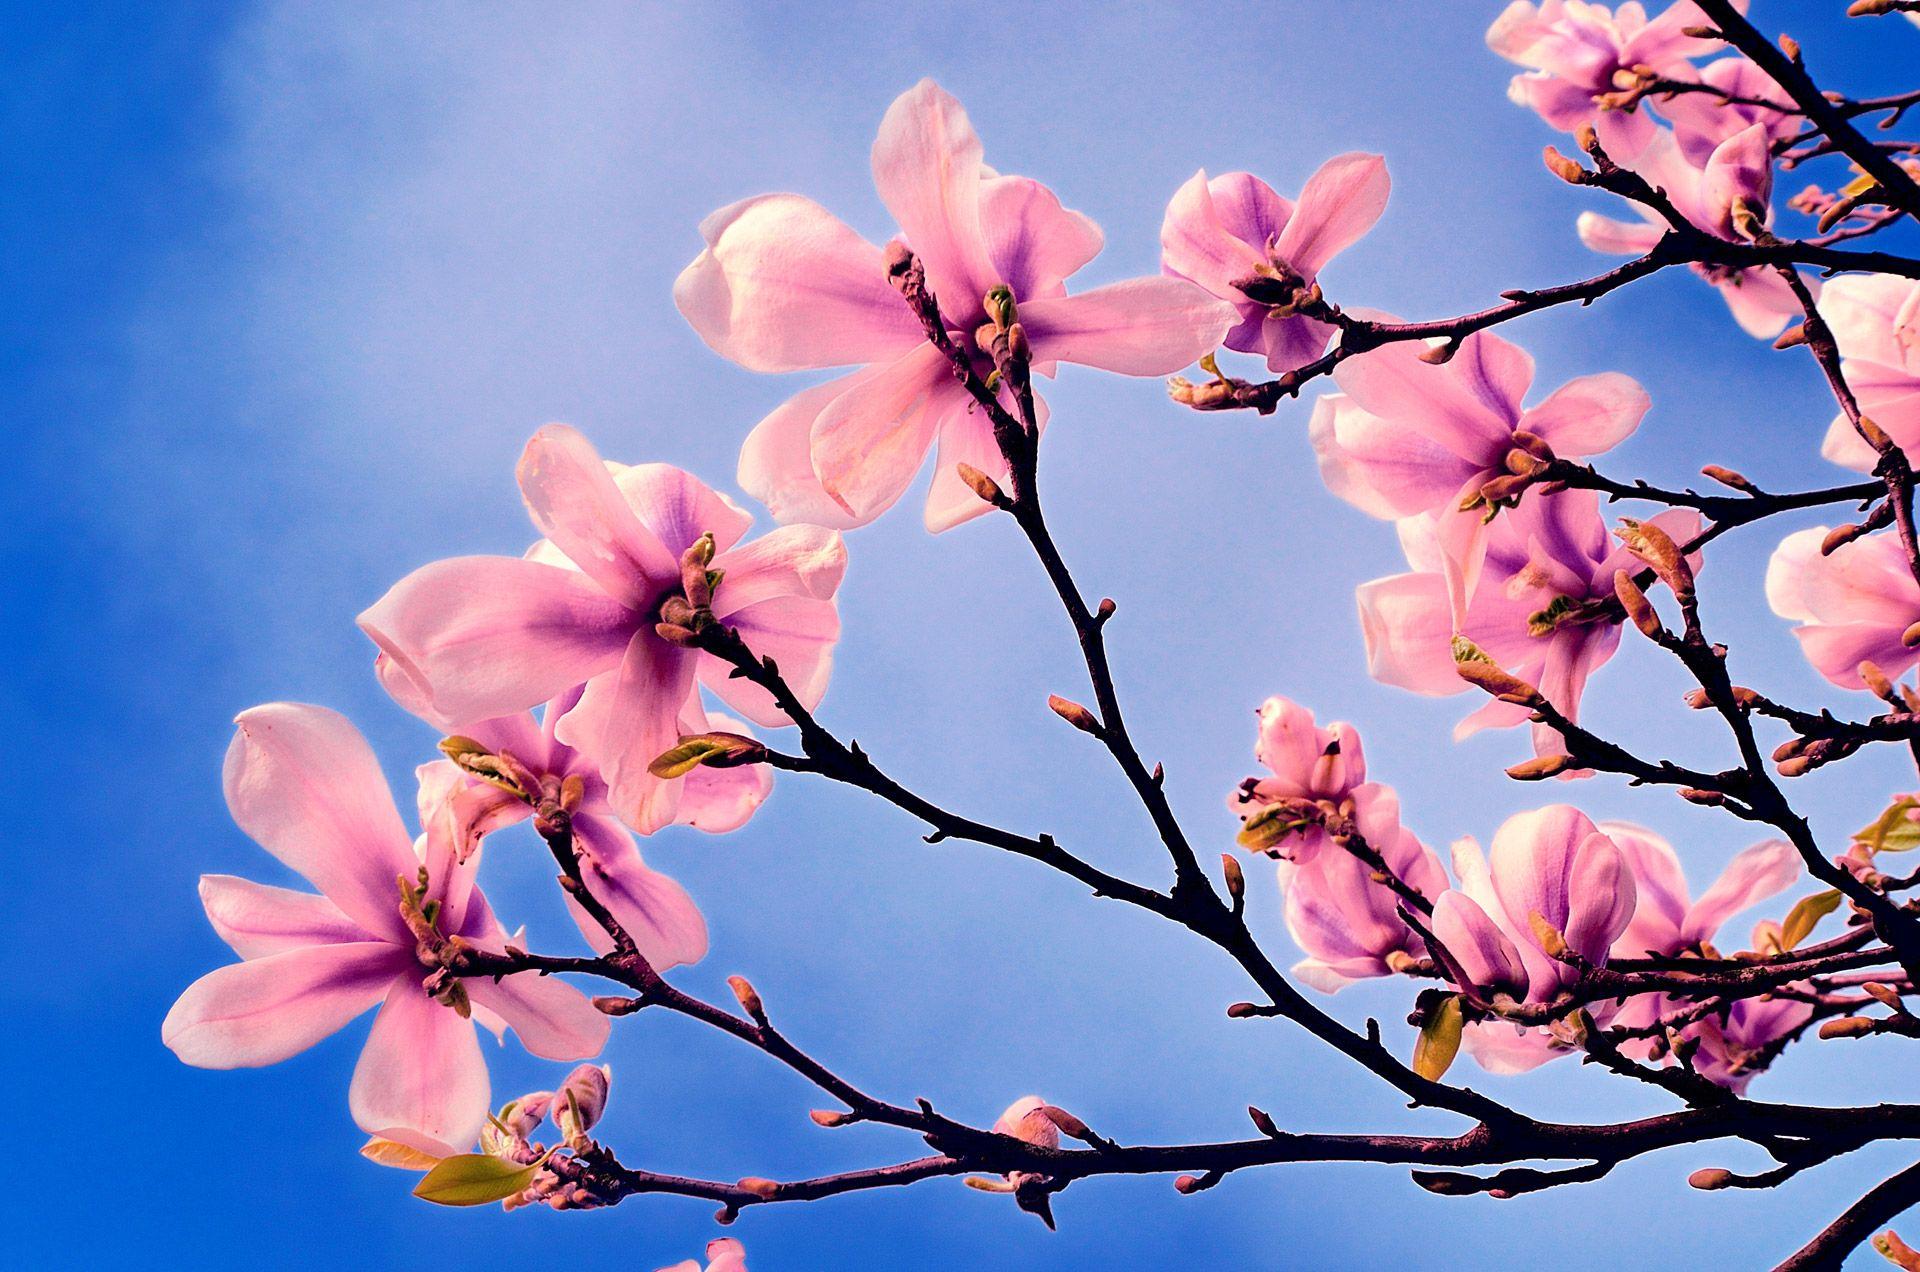 Pink spring flowers for desktop background 13 hd wallpapers pink spring flowers for desktop background 13 hd wallpapers mightylinksfo Gallery